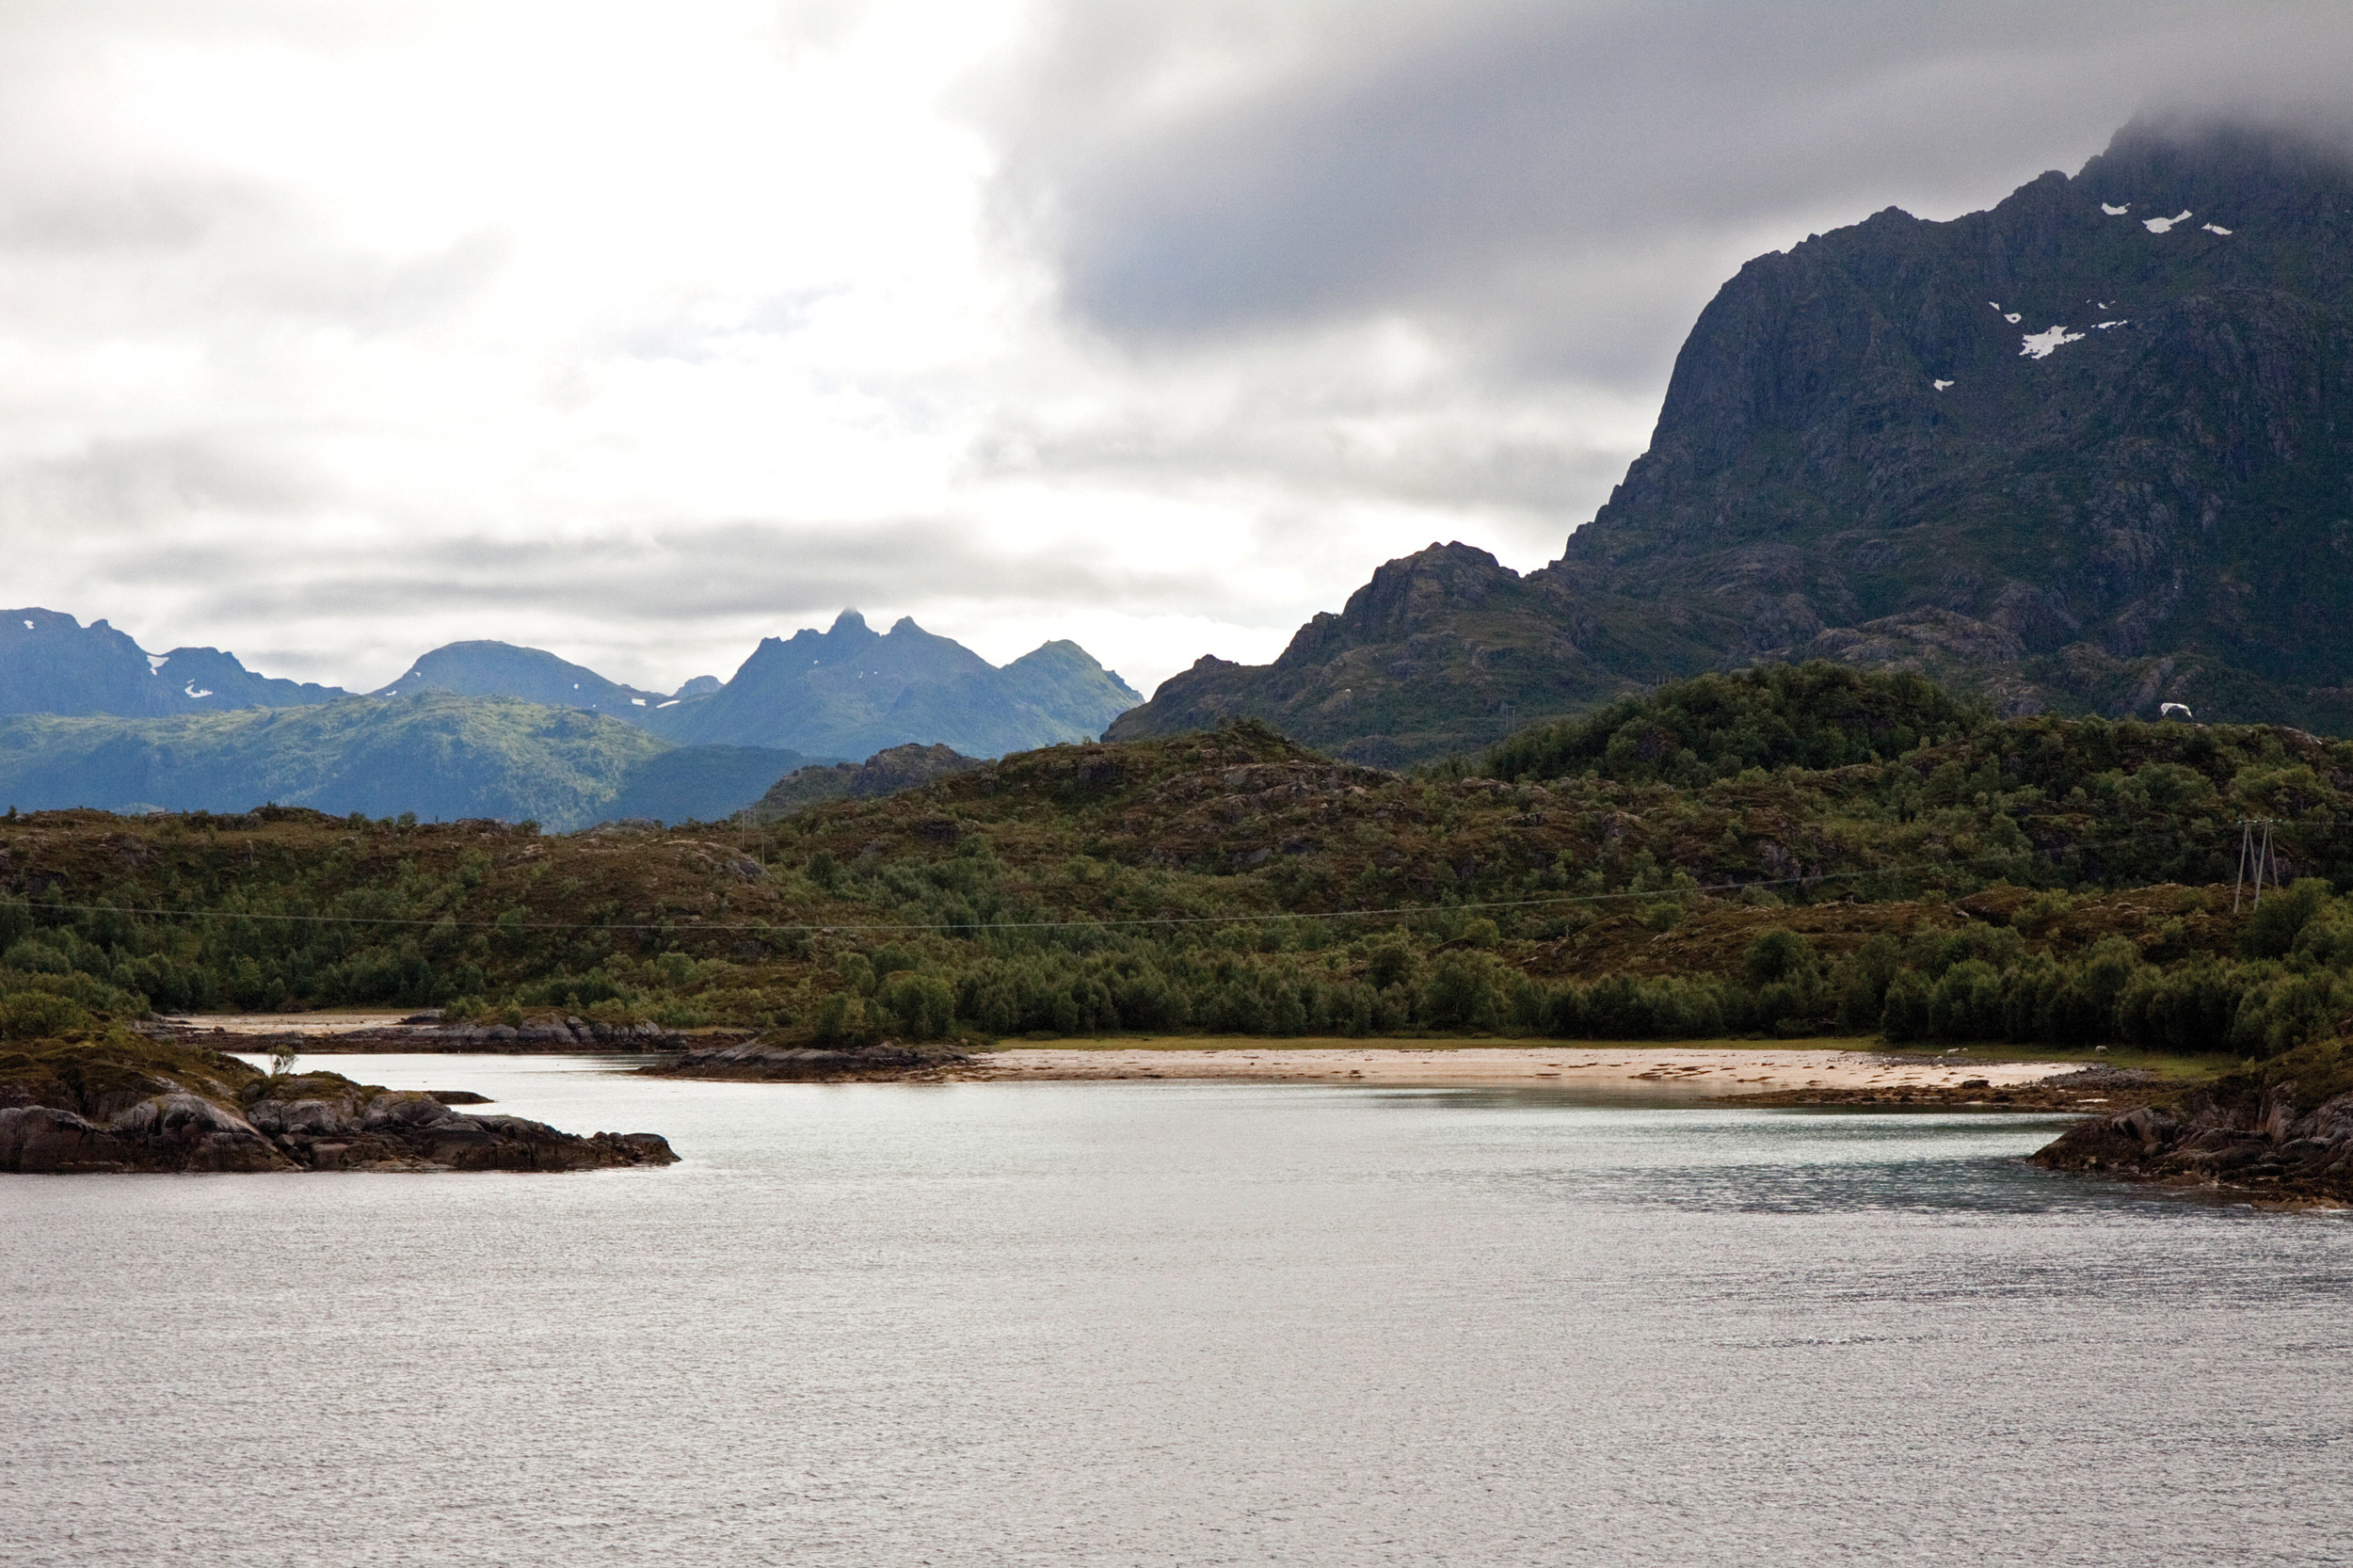 Vernskog er områder opp mot fjellet eller ut mot havet der skogen er sårbar og kan bli ødelagt ved feil skogbehandling. Hadsel, Nordland. Foto: John Yngvar Larsson, NIBIO